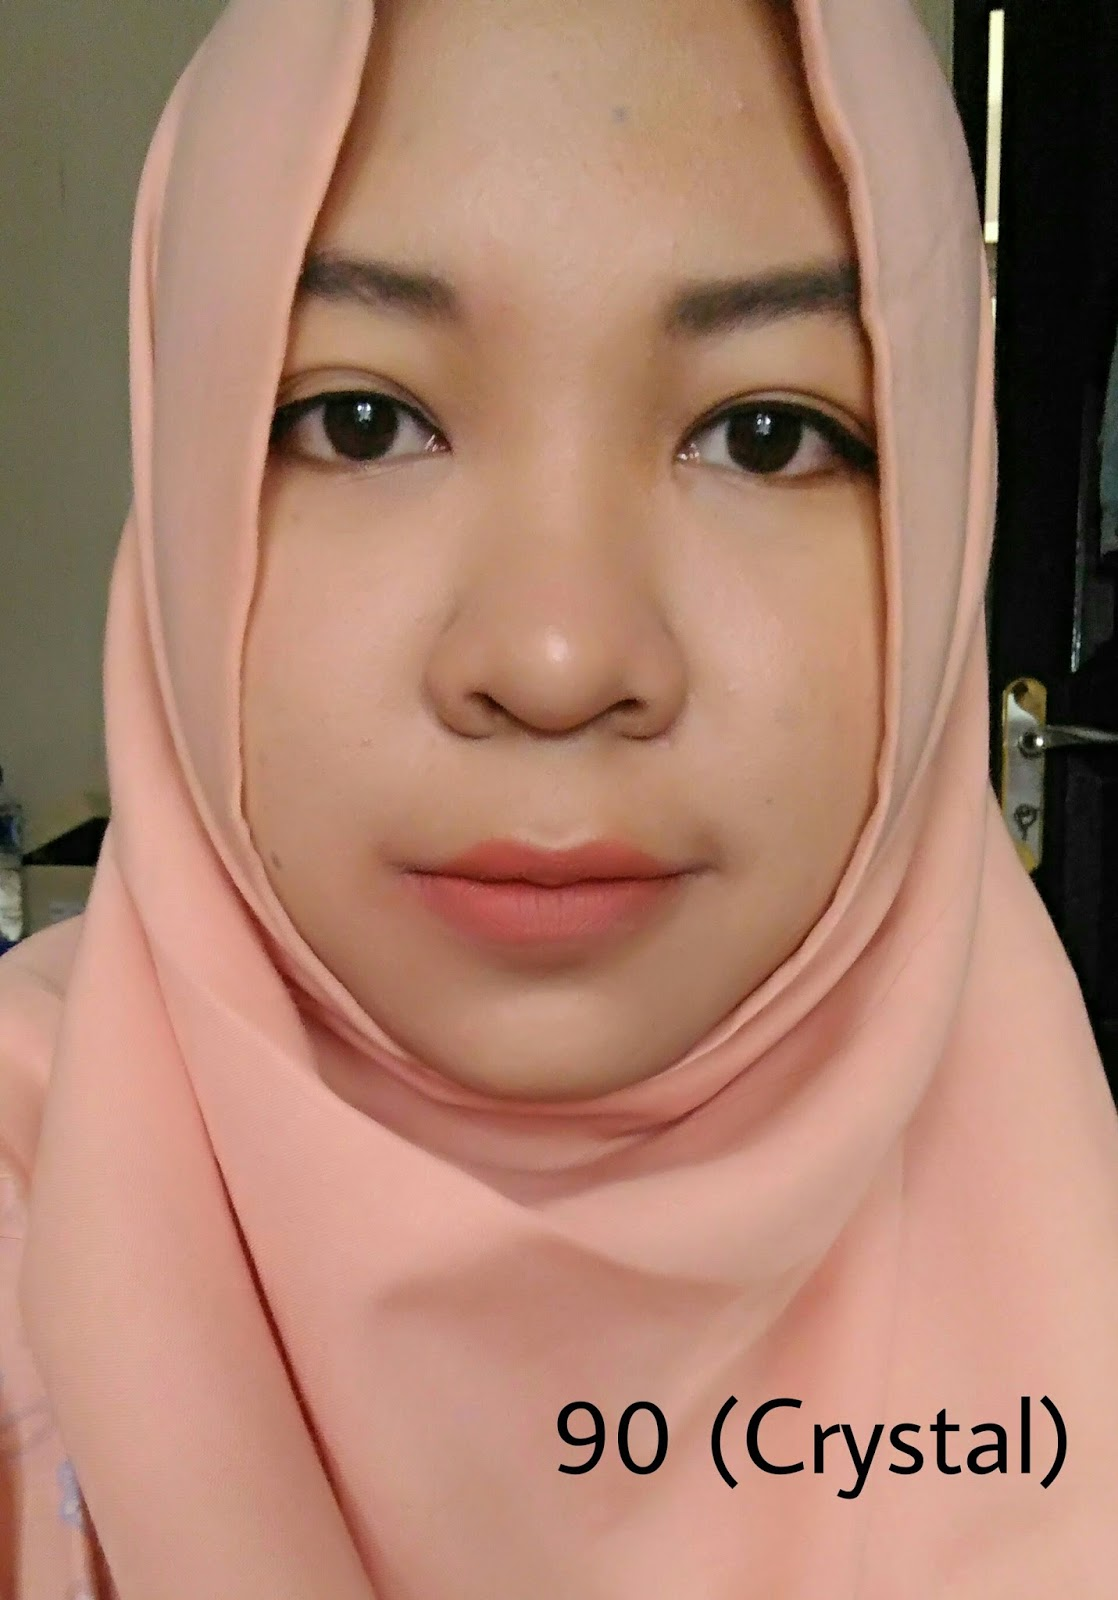 Review Purbasari Lipstick Color Matte Shade 81 89 90 Beauty Lipstik Paling  Original Sedangkan Nomor Itu Lebih Ke Pink Medium Dengan Hint Merah Dan Ini Warnanya Cantik Banget Cocok Buat Dipakai Sehari Hari Juga